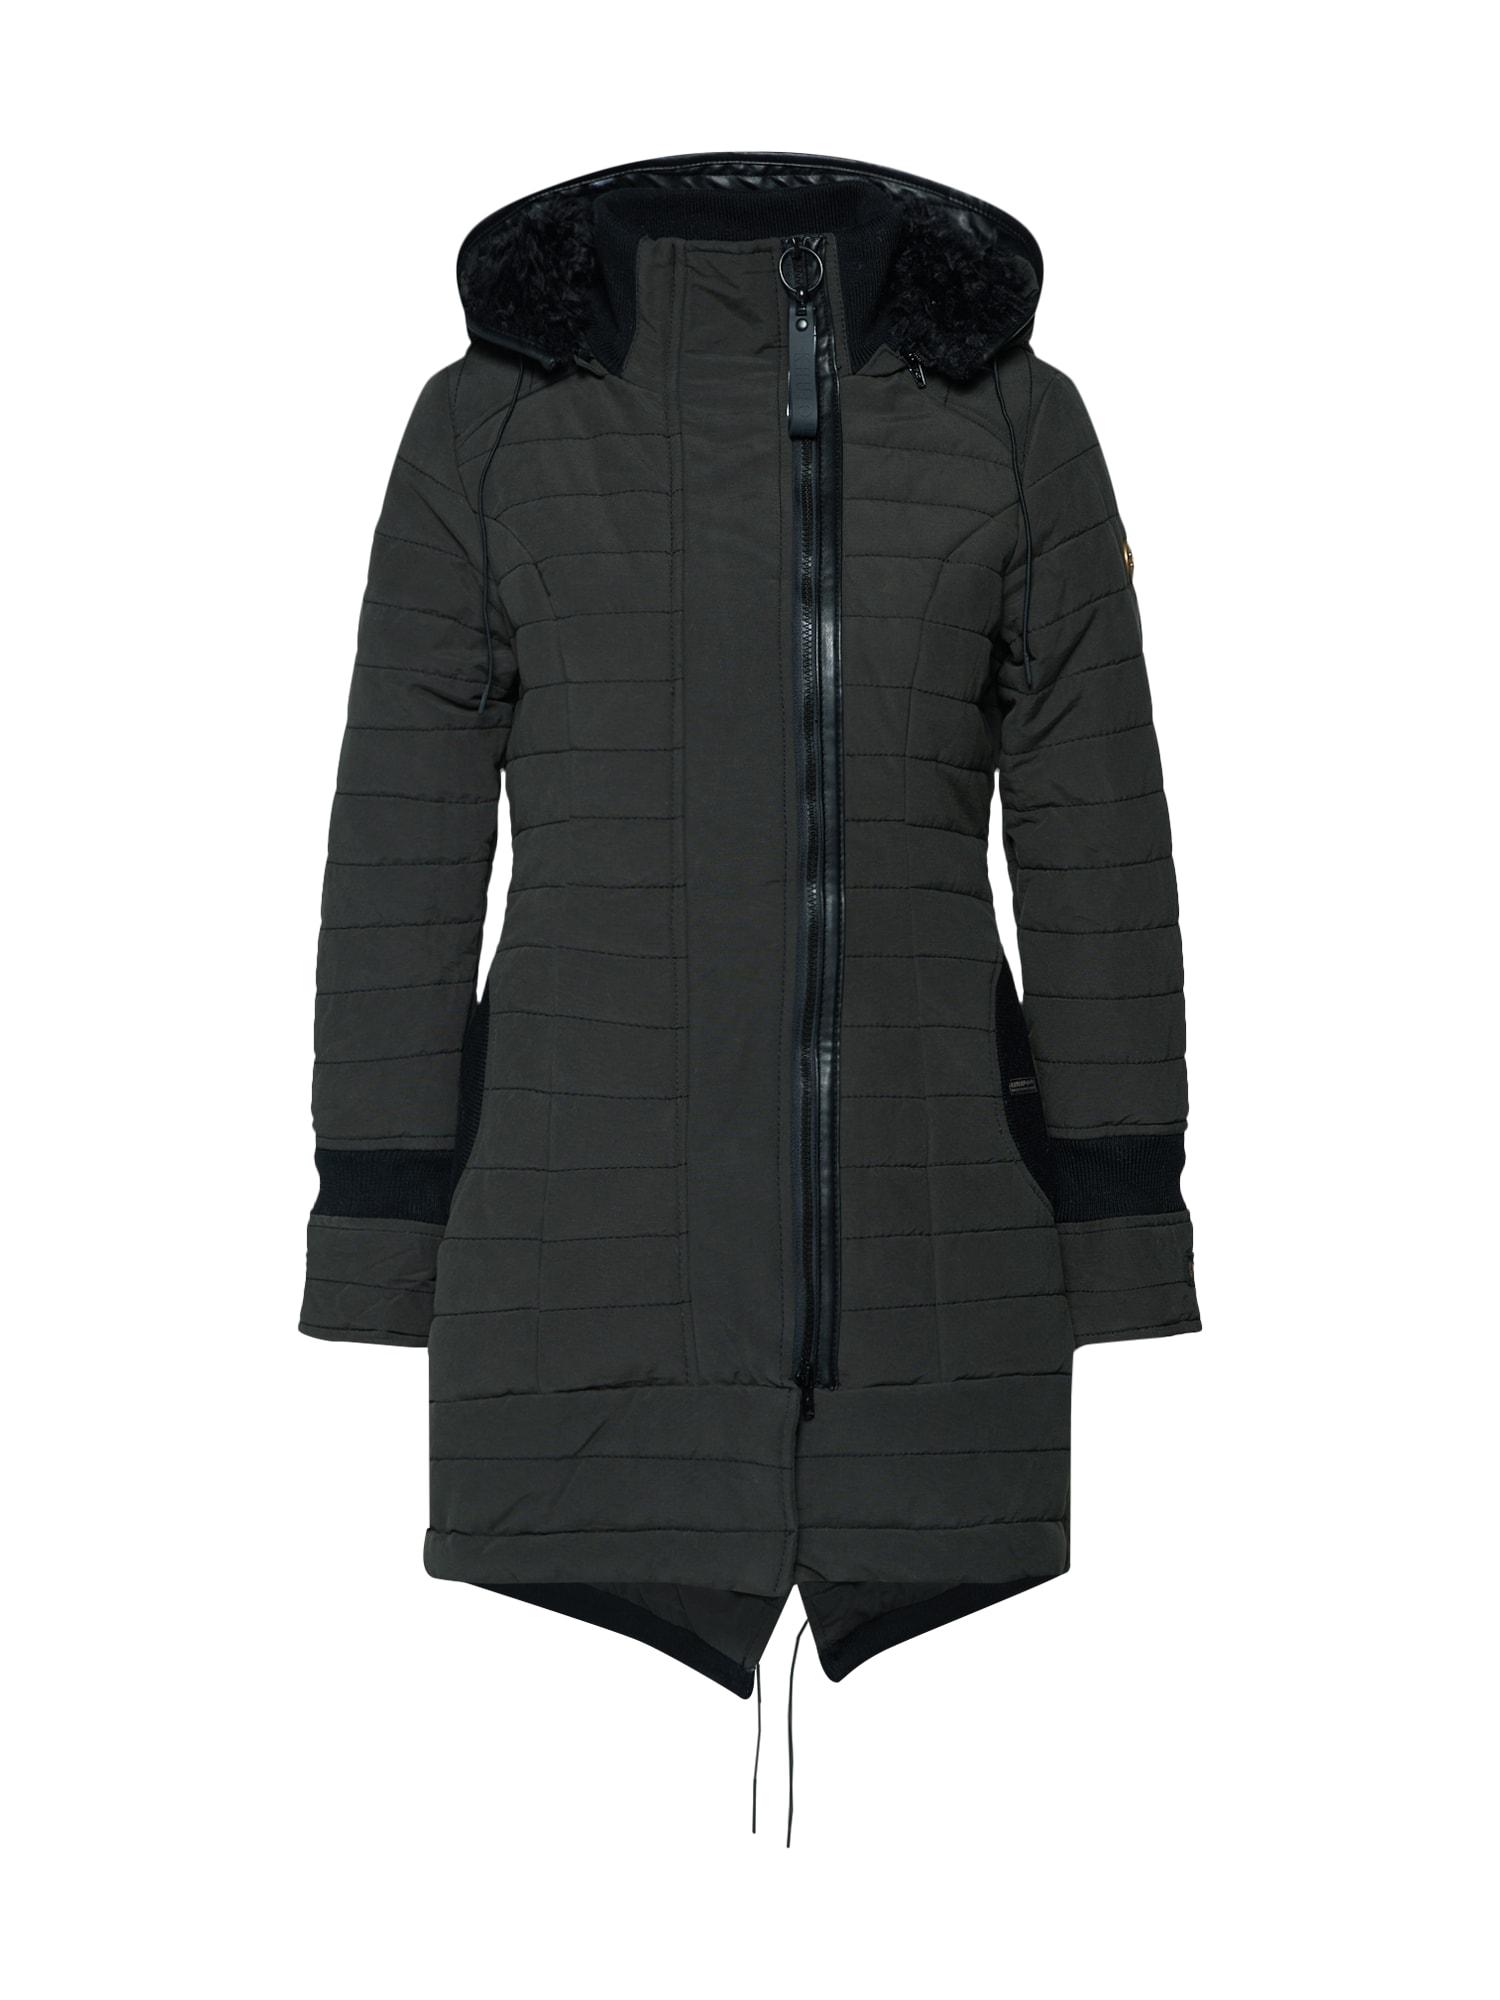 Přechodný kabát CAYUS2 černá Khujo